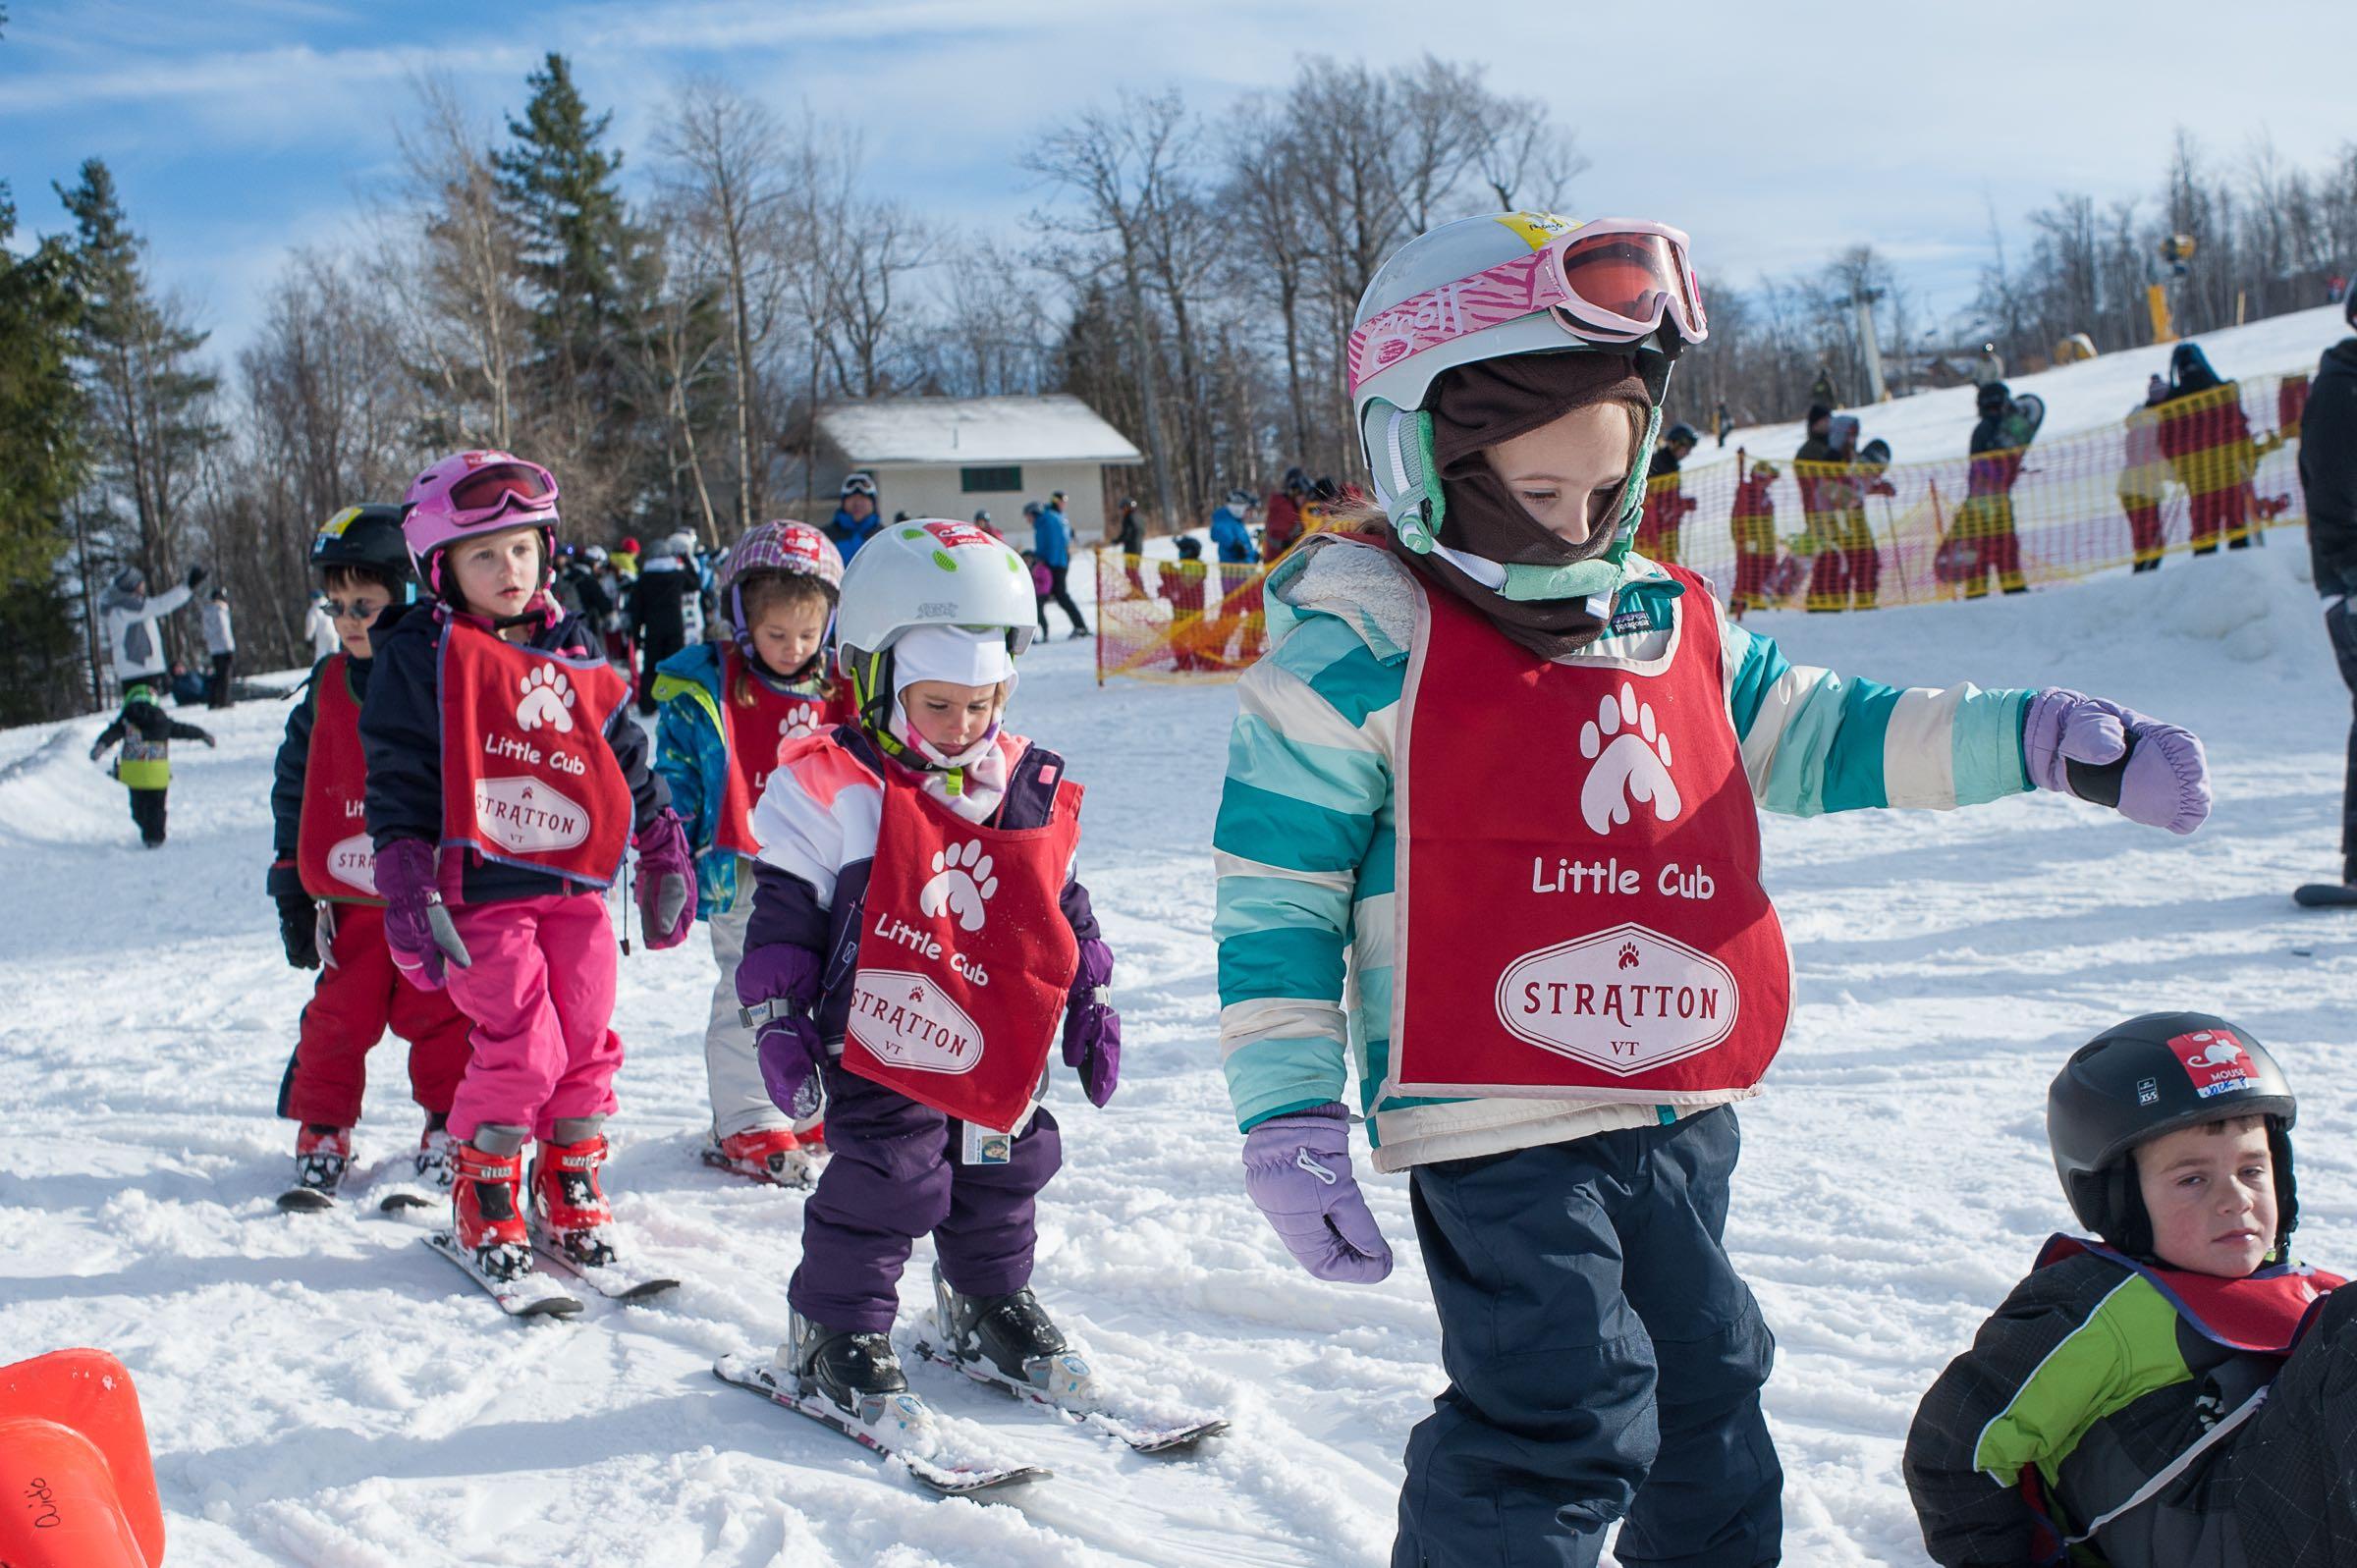 Little Cub ski school stratton.jpg